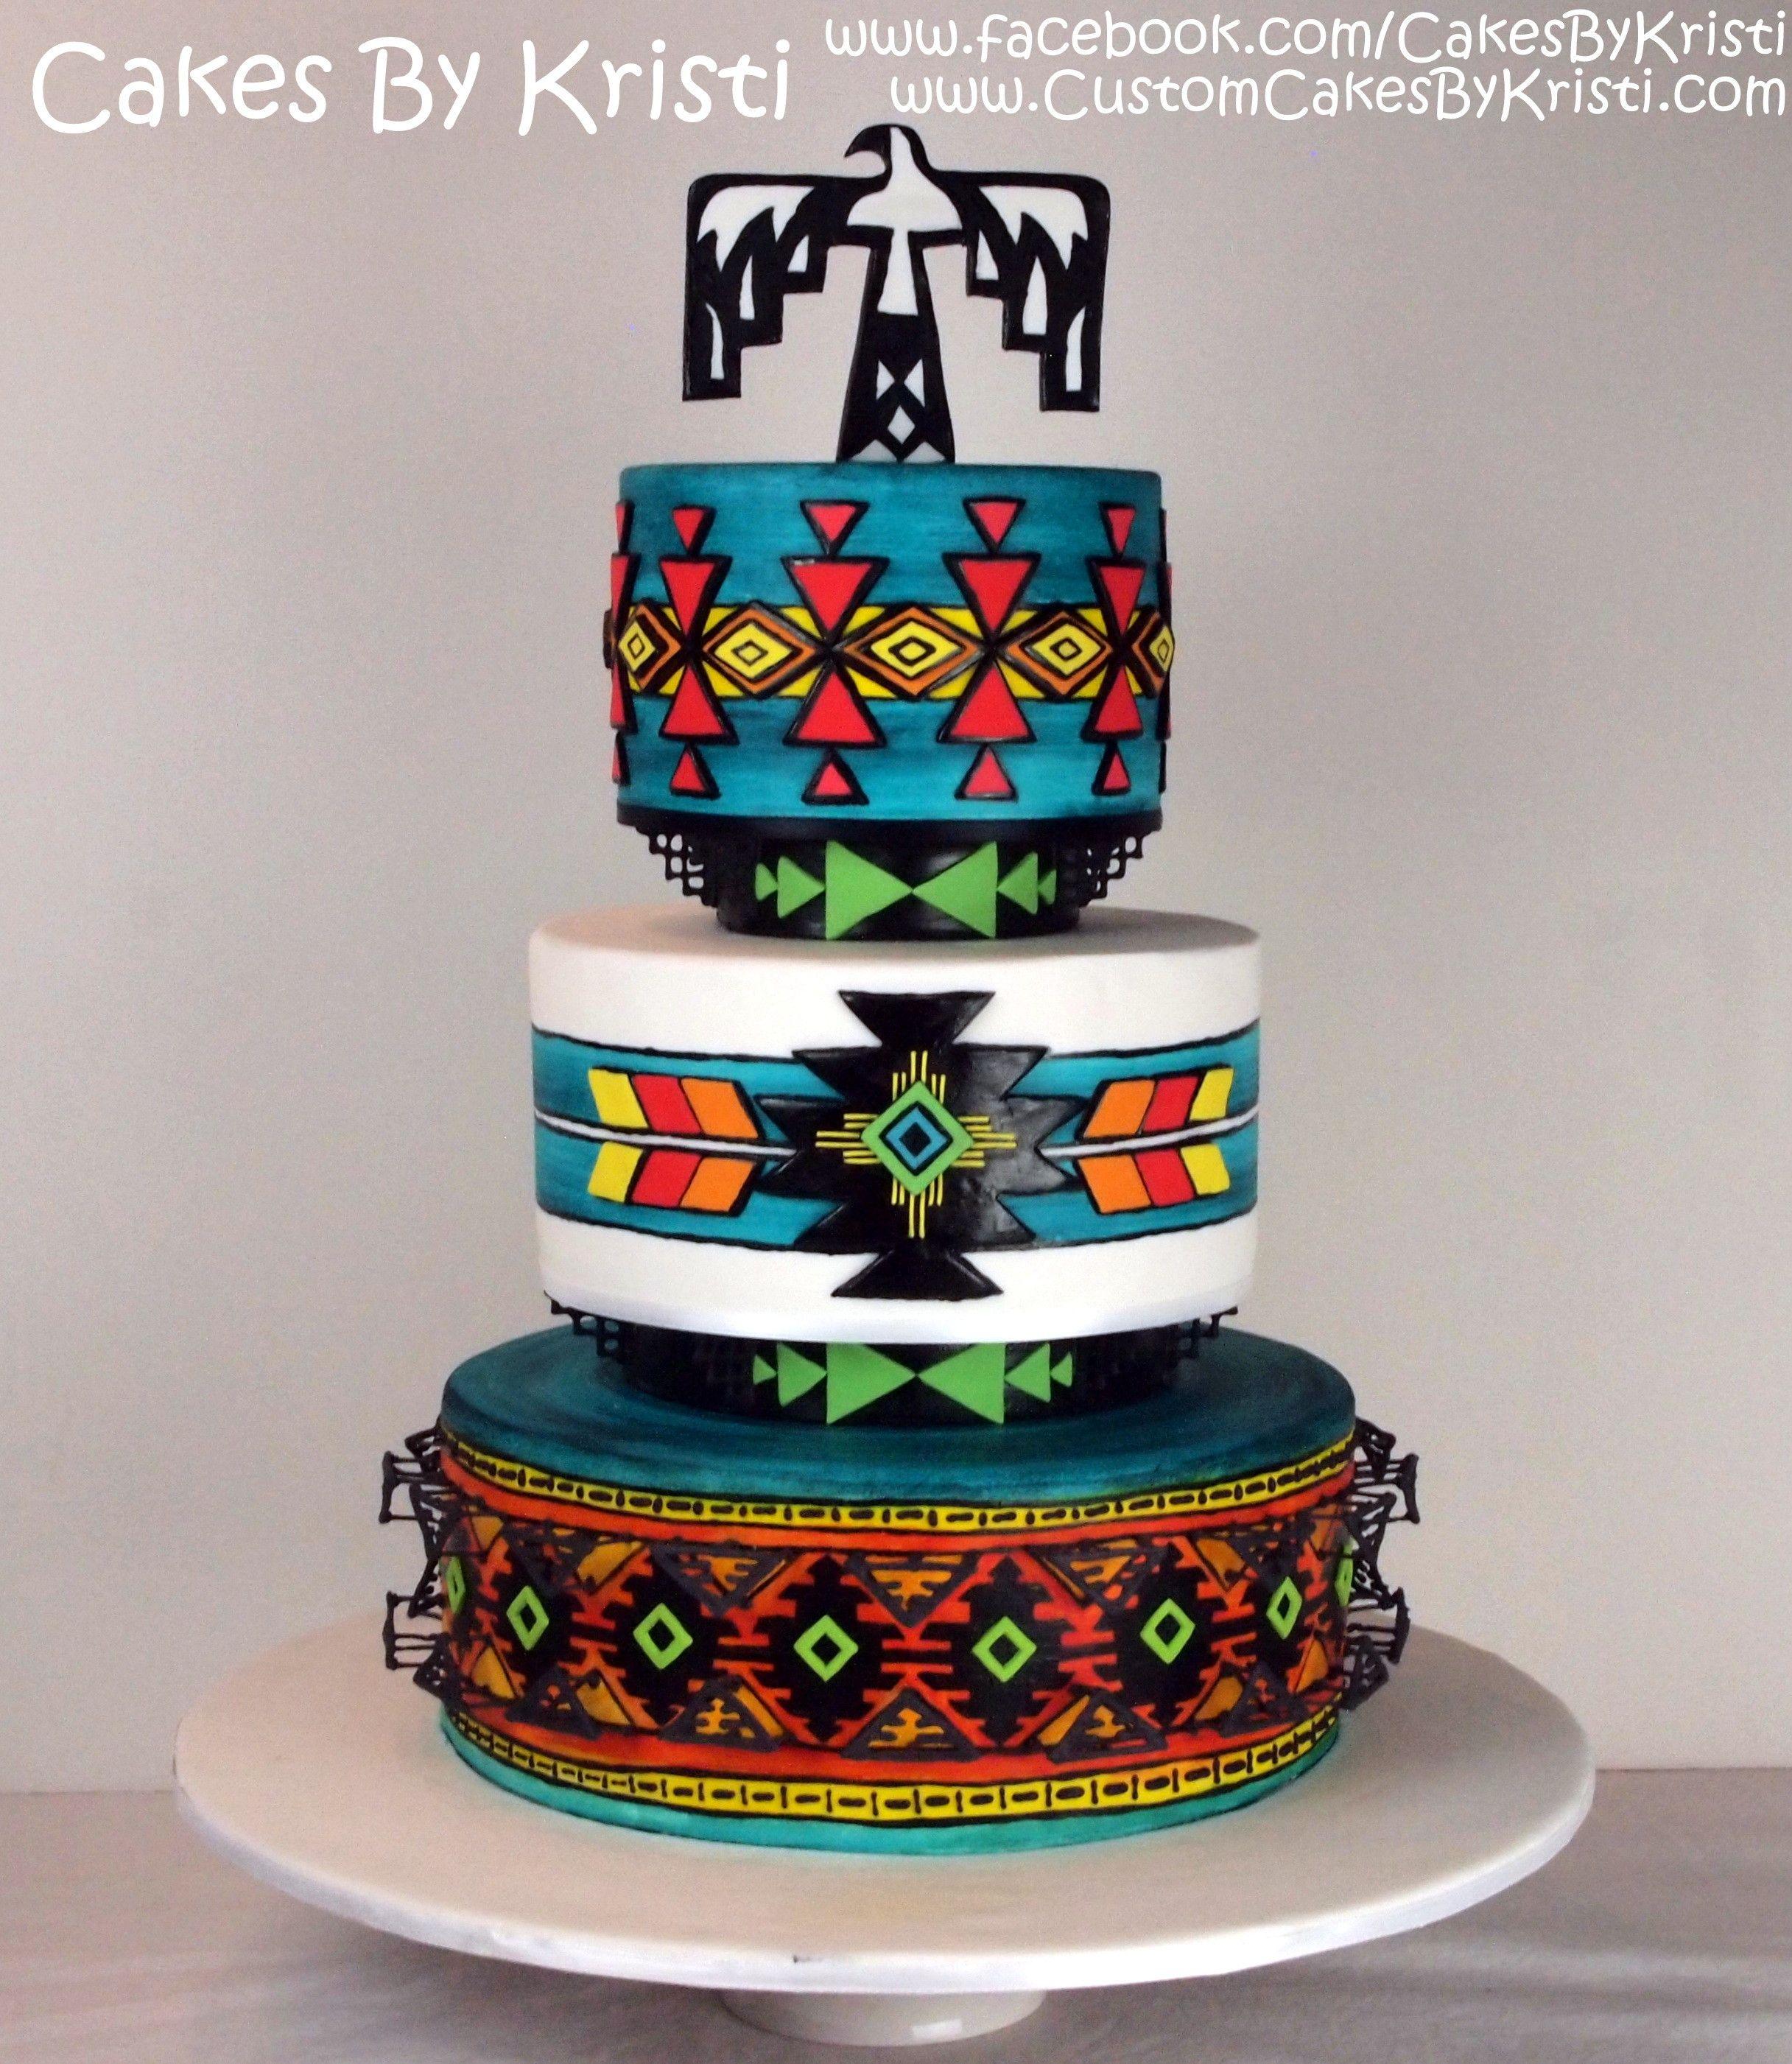 Custom cakes by kristi caccippio competition u collaboration